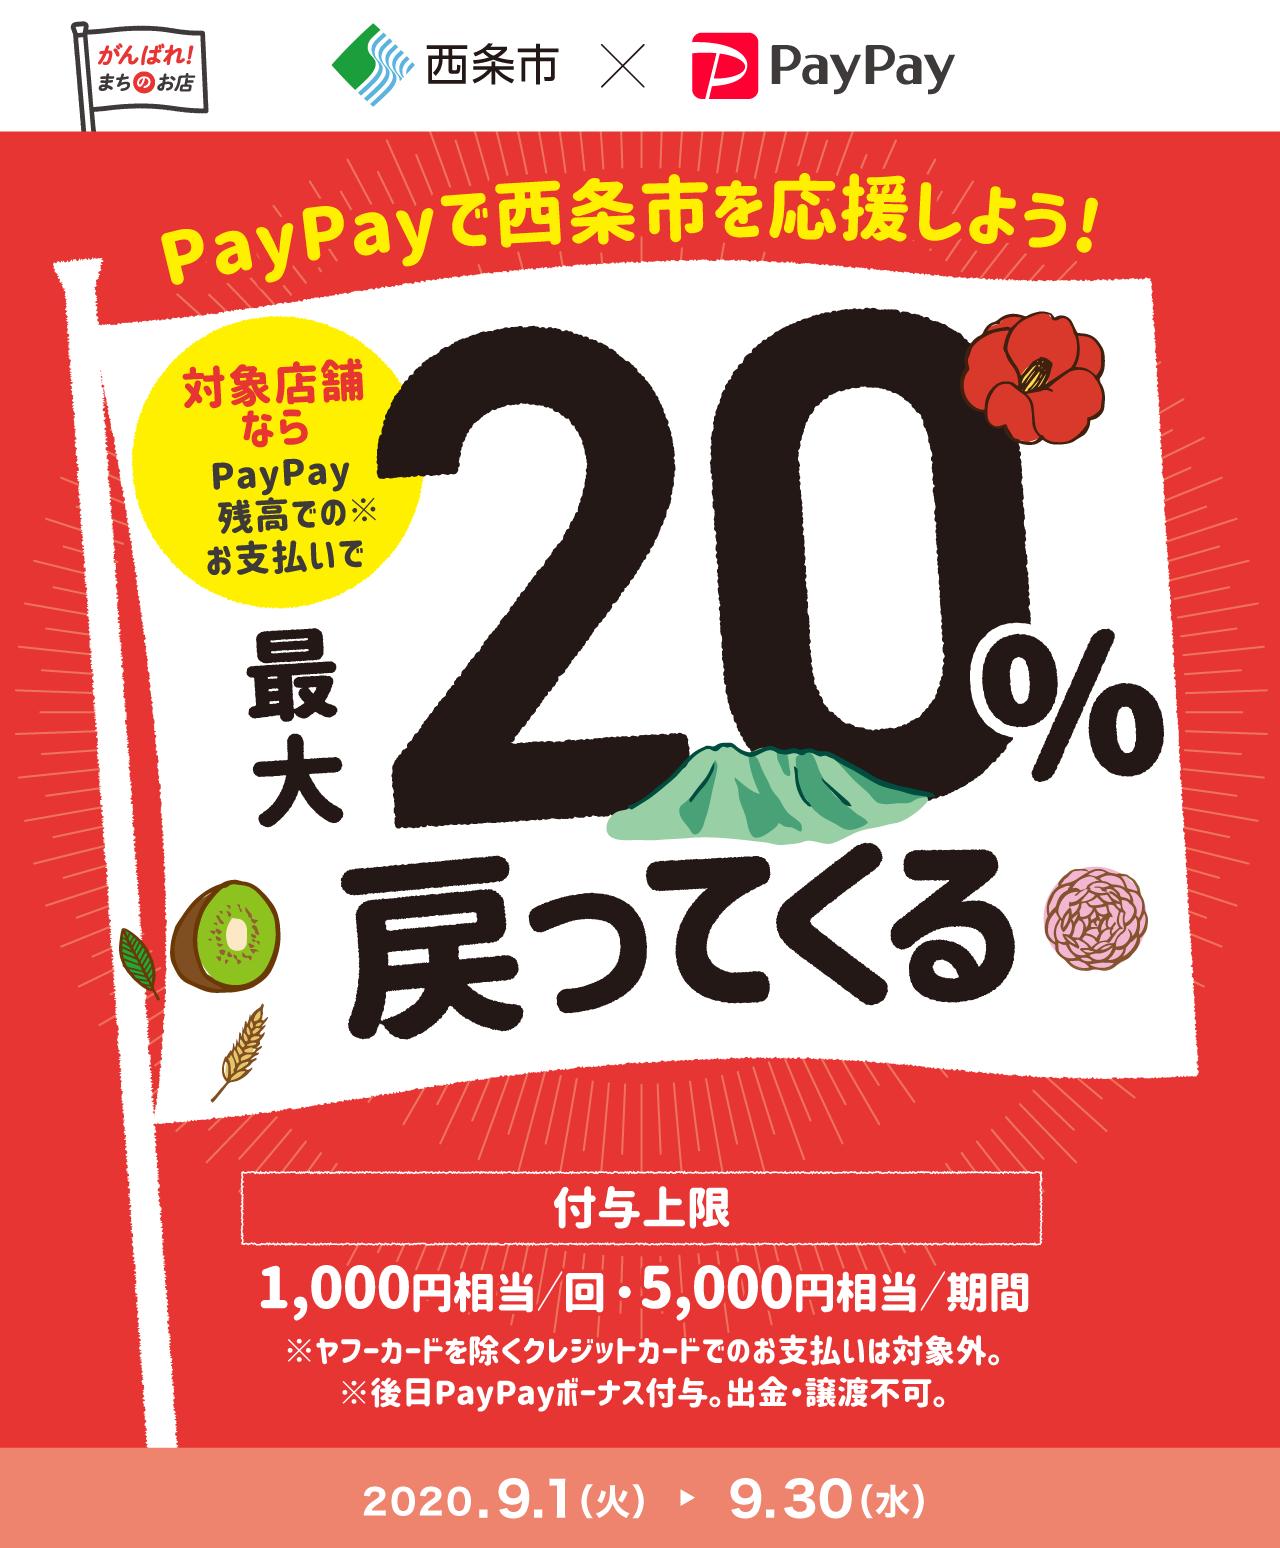 PayPayで西条市を応援しよう! 対象店舗ならPayPay残高でのお支払いで最大20%戻ってくる